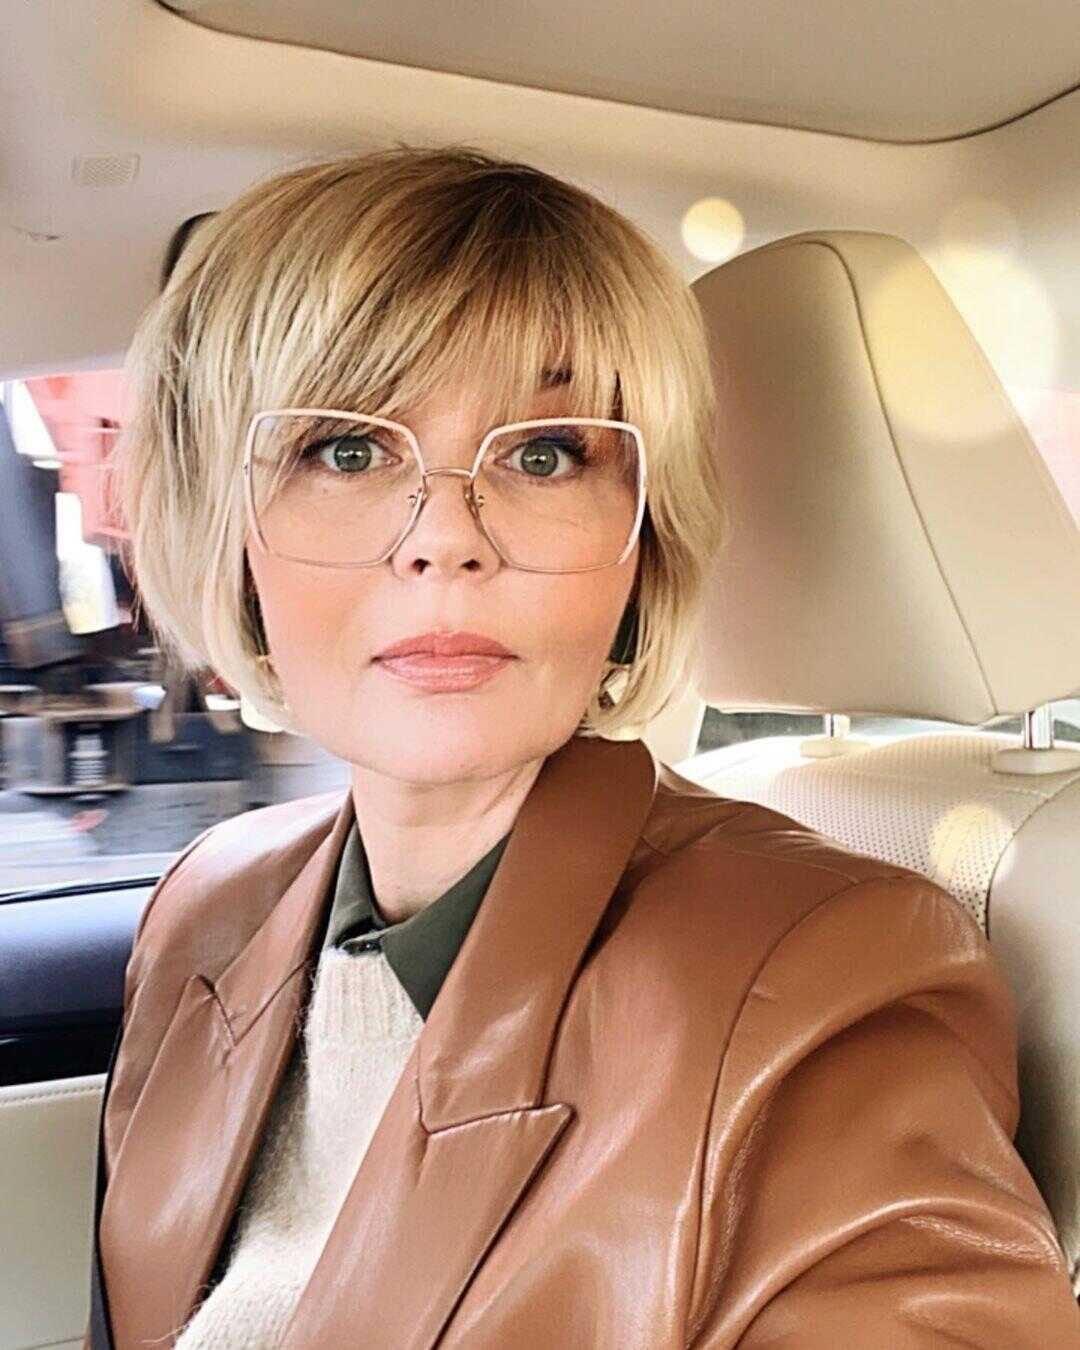 Юлия Меньшова посетовала, что не чувствовала любви от своего отца